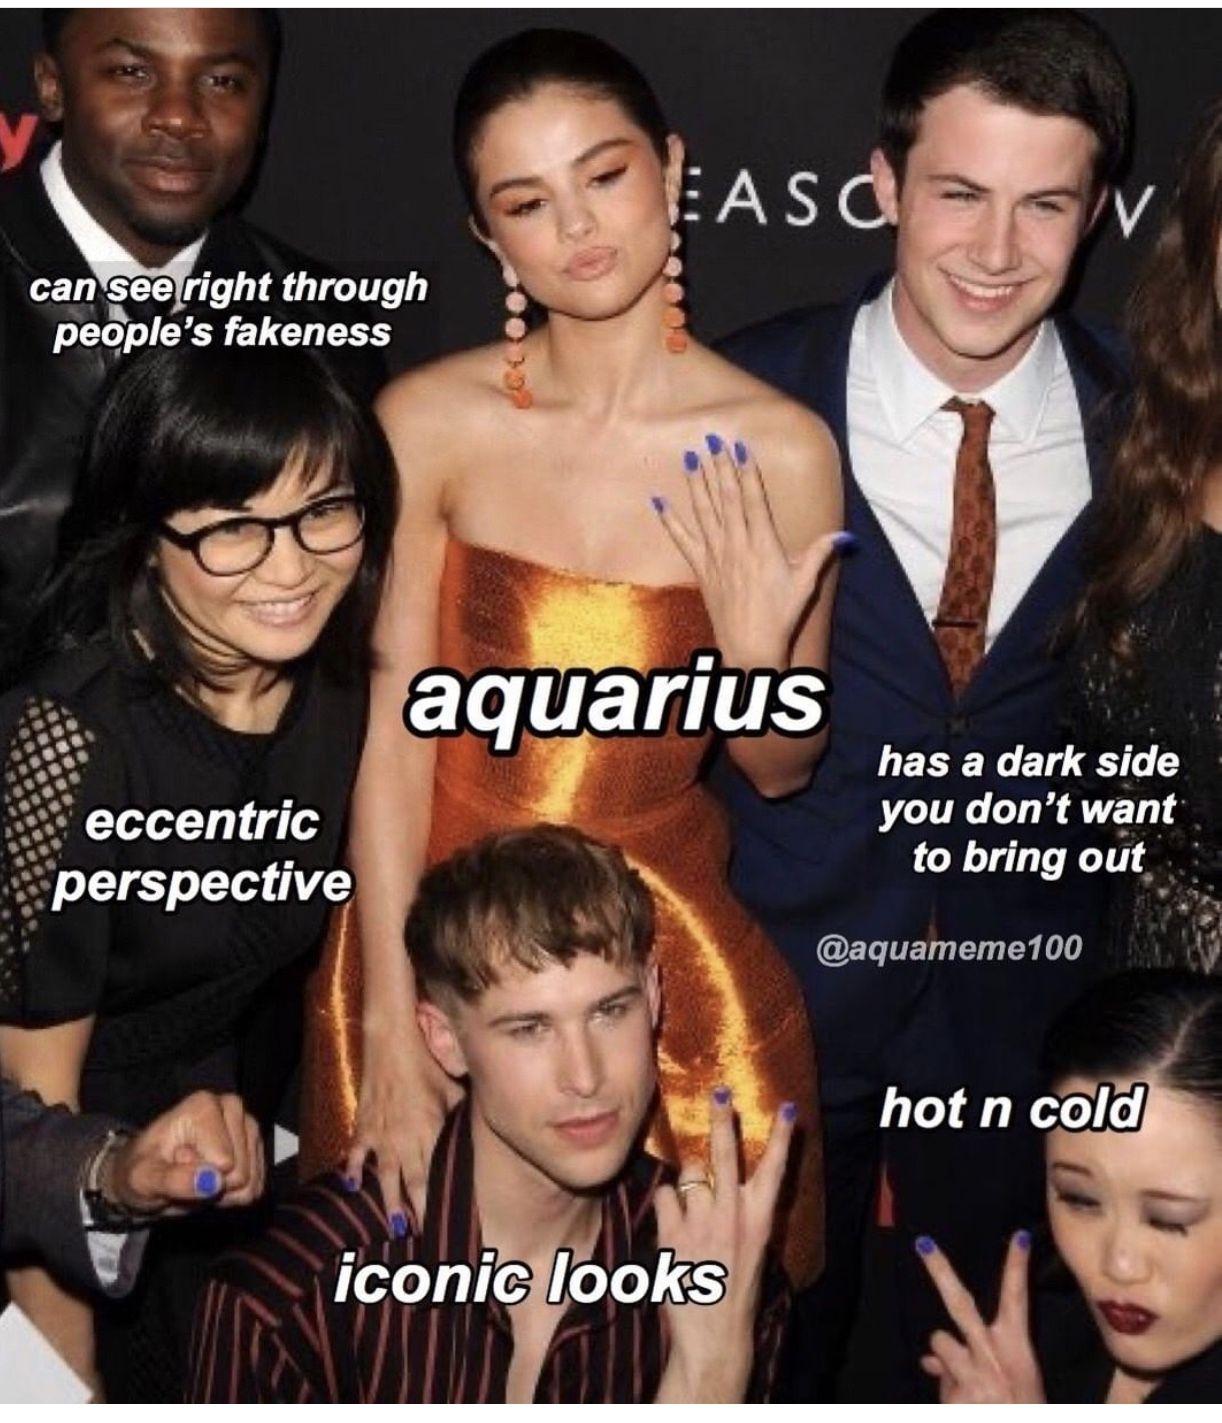 Pin By Kristi On Astrology In 2020 Aquarius Horoscope Aquarius Quotes Aquarius Zodiac